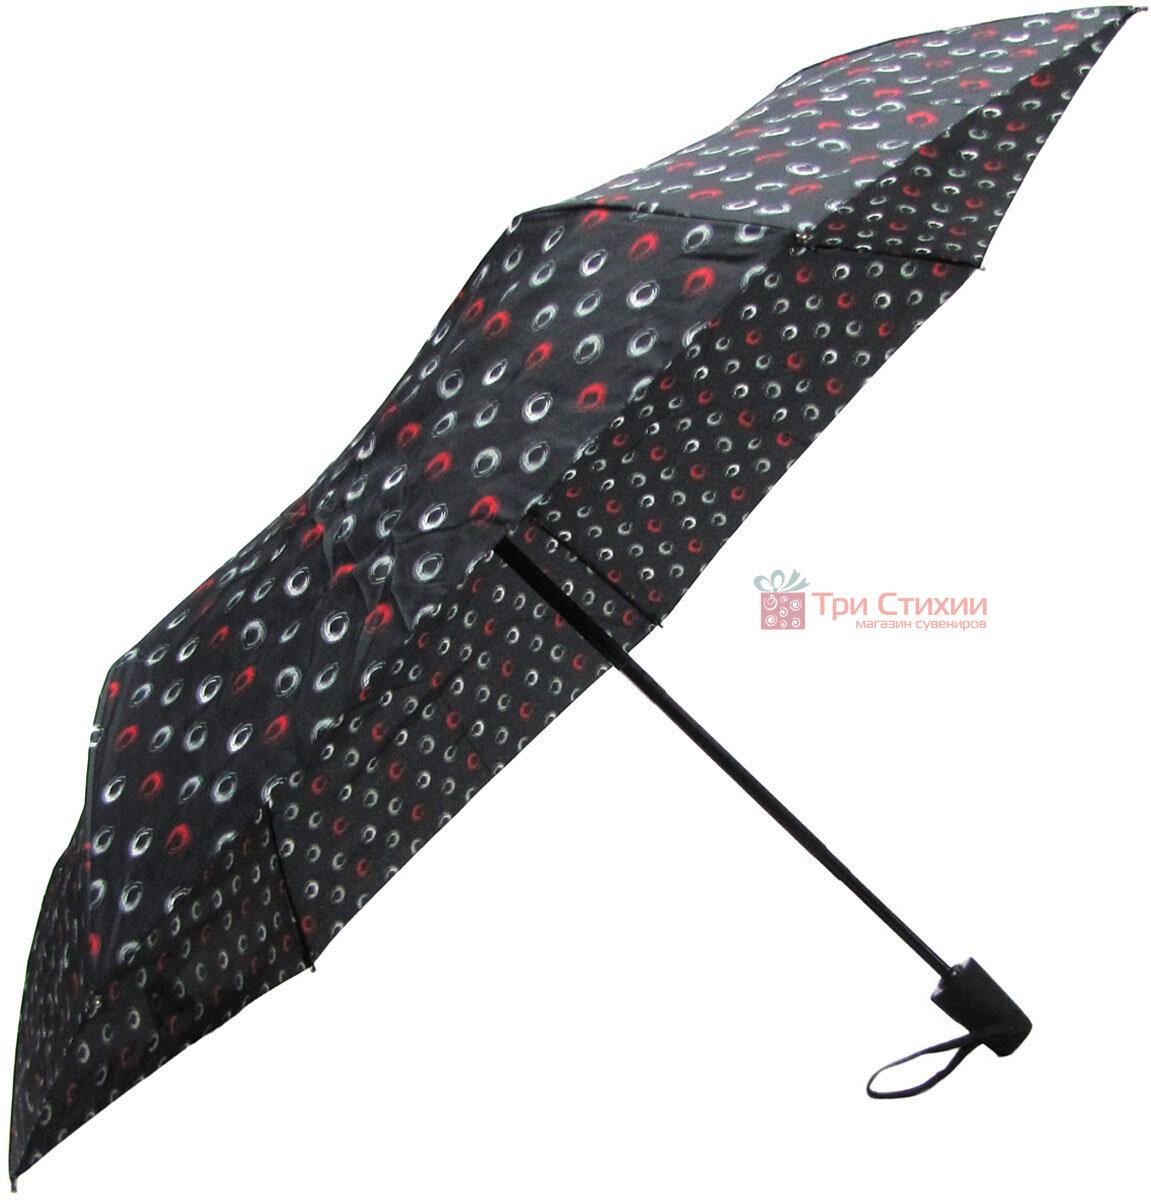 Зонт складной Derby 744165PHL-2 полный автомат Черный круги, Цвет: Черный, фото 3